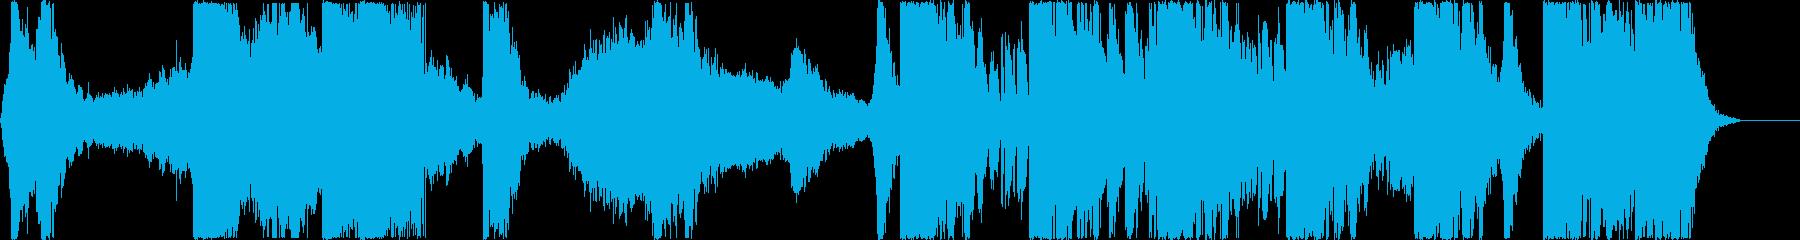 トレーラー/打楽器*インダストリアルの再生済みの波形